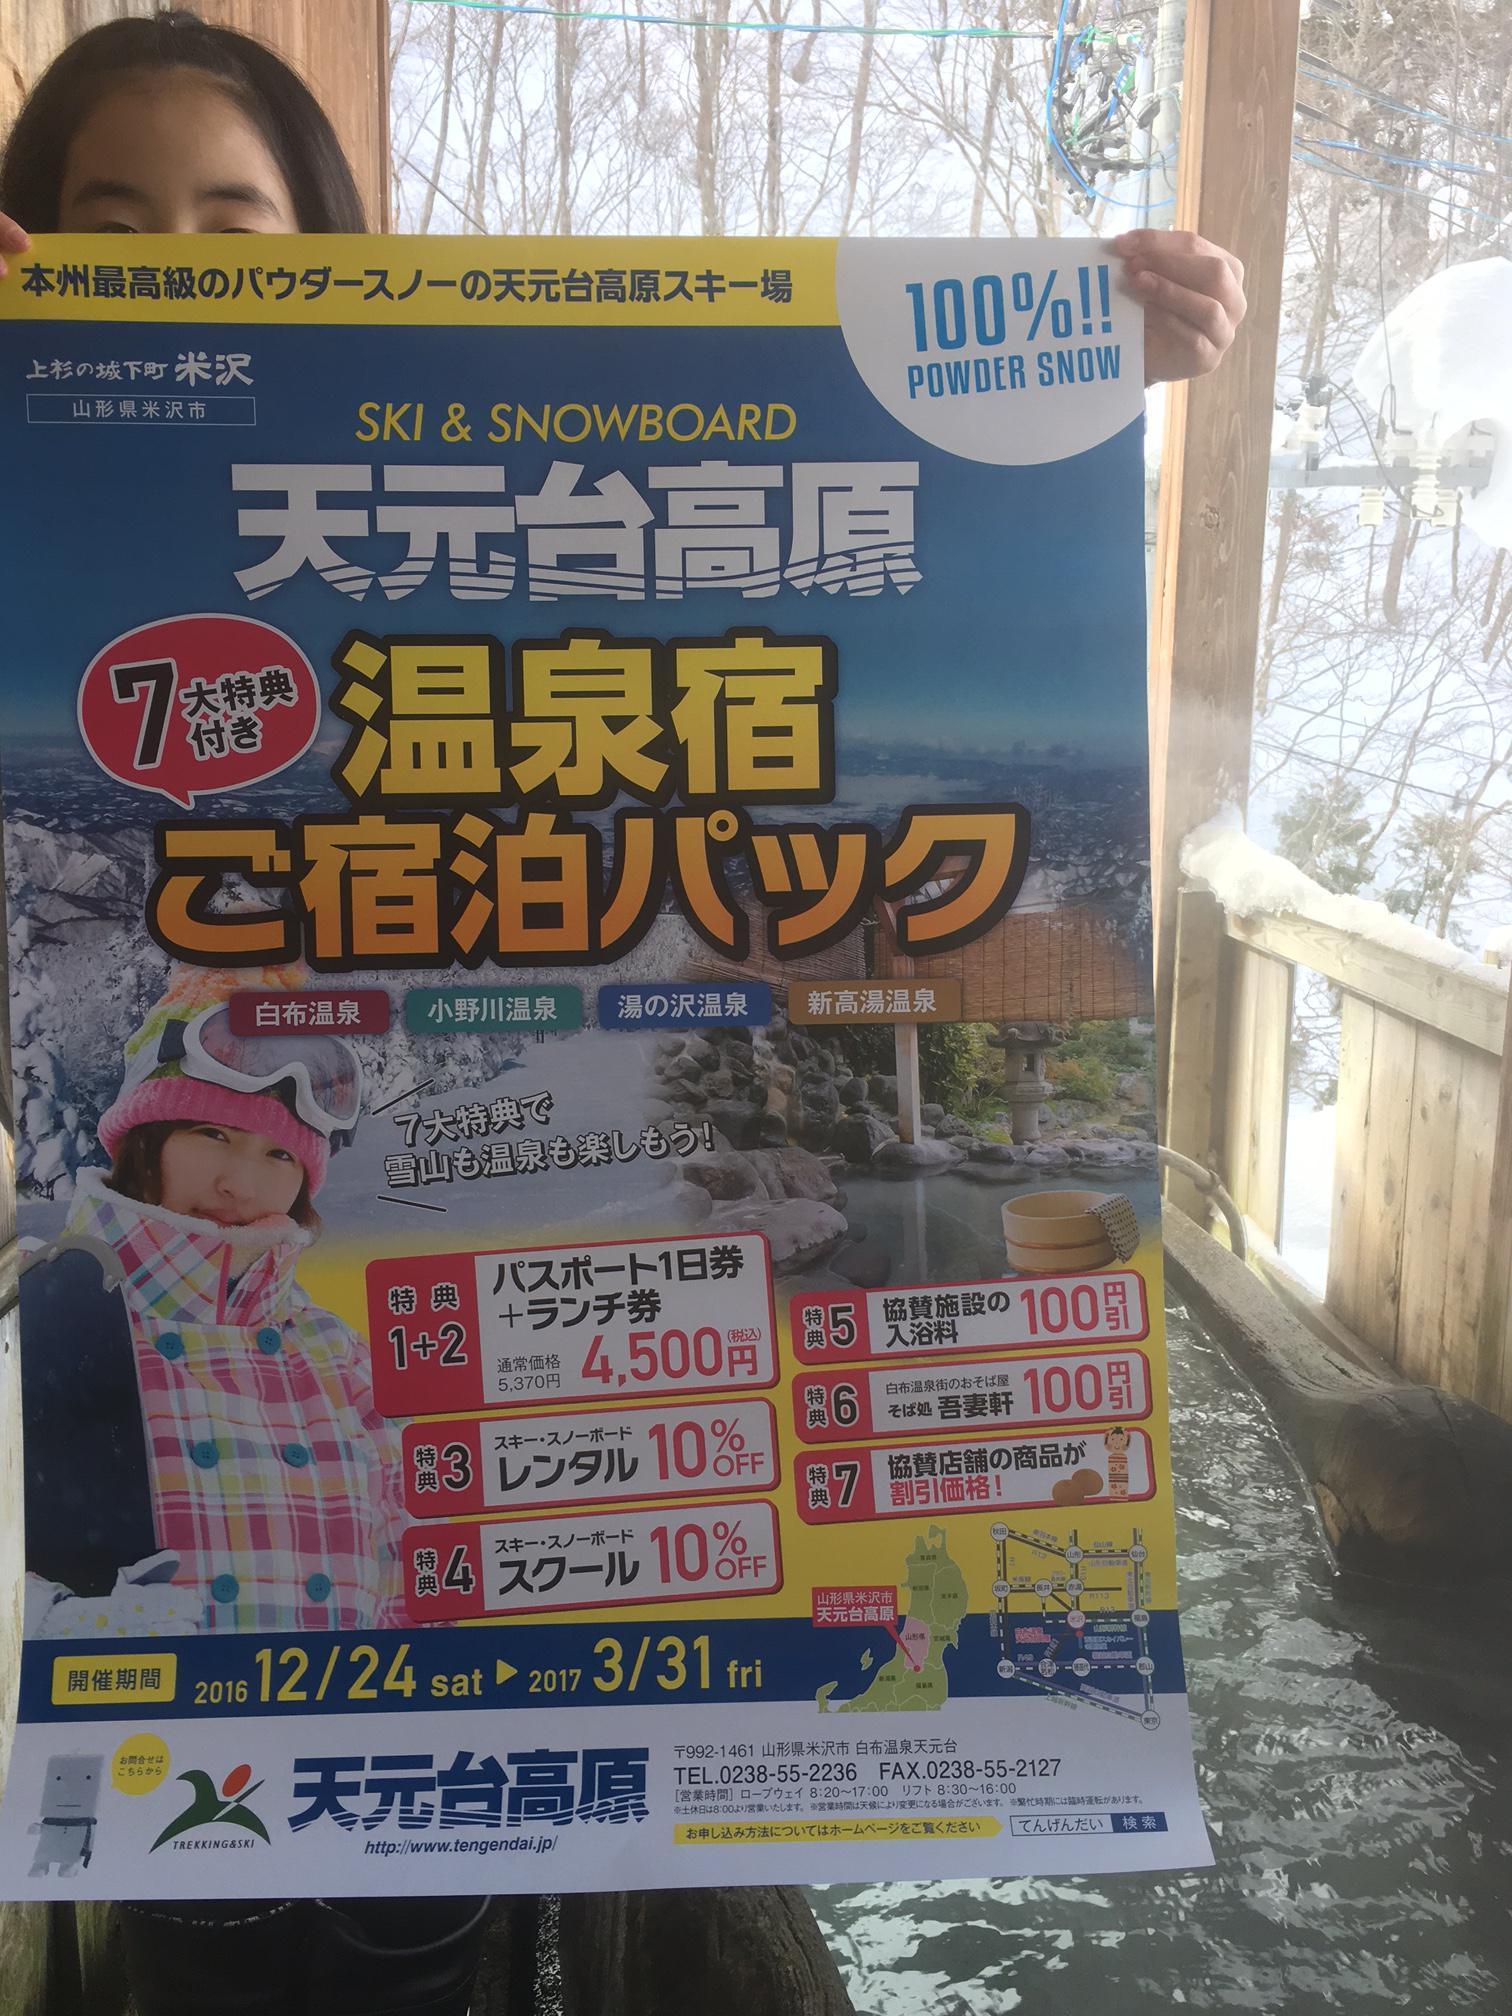 天元台高原でスキー(ボード)するなら ゆ~泊まっちゃいなよ(笑)